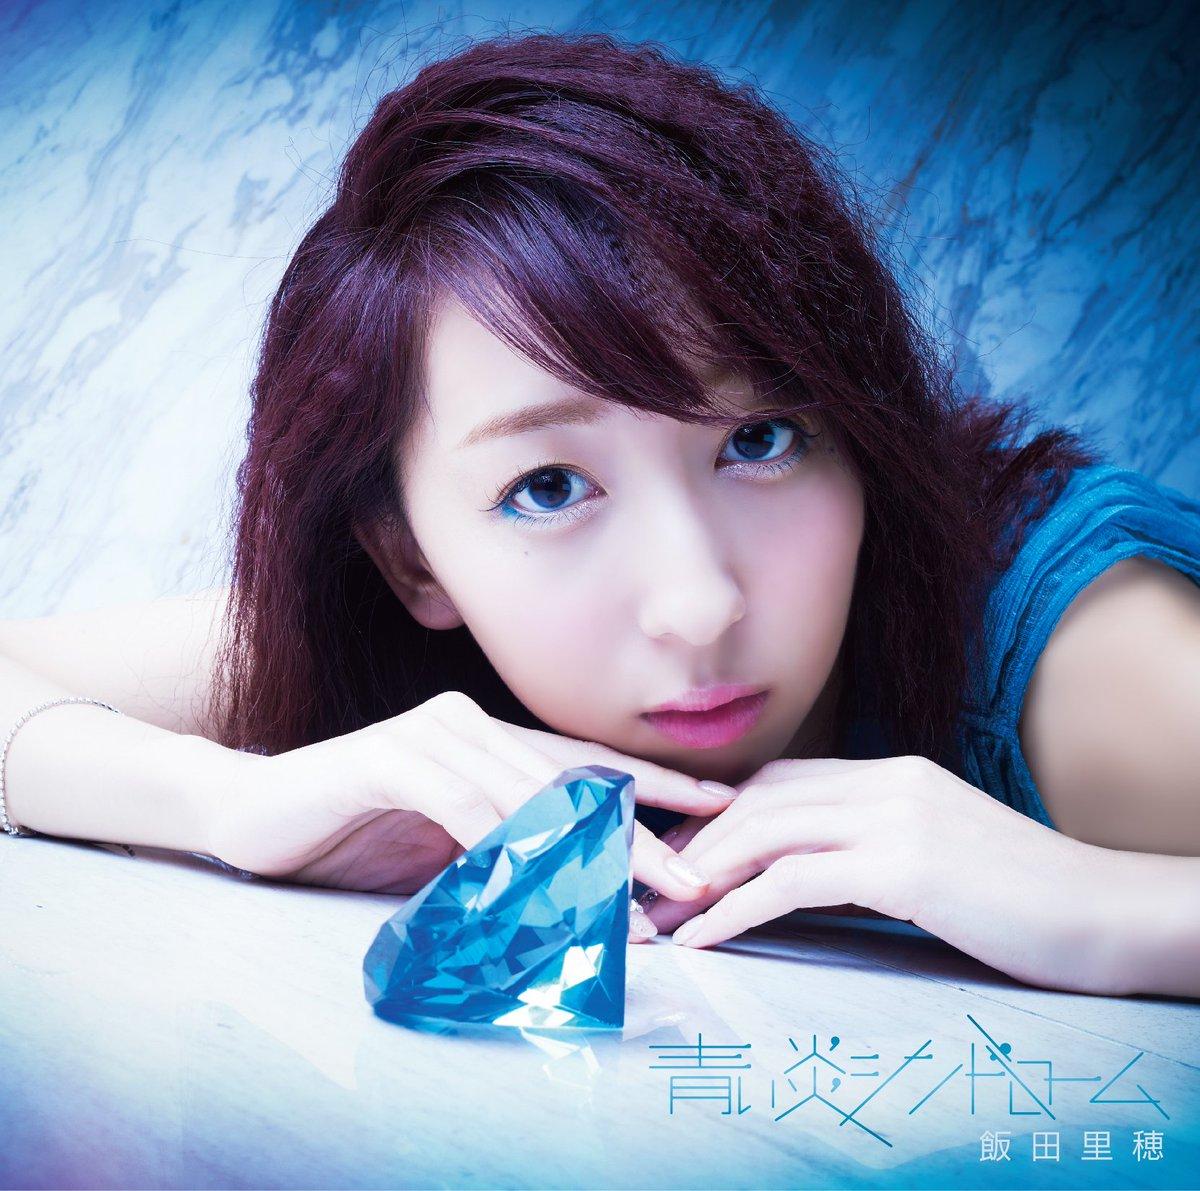 飯田里穂 3rd Single #青い炎シンドローム12/14 (水) Release!!作曲:筒美京平 作詞:桜井秀俊